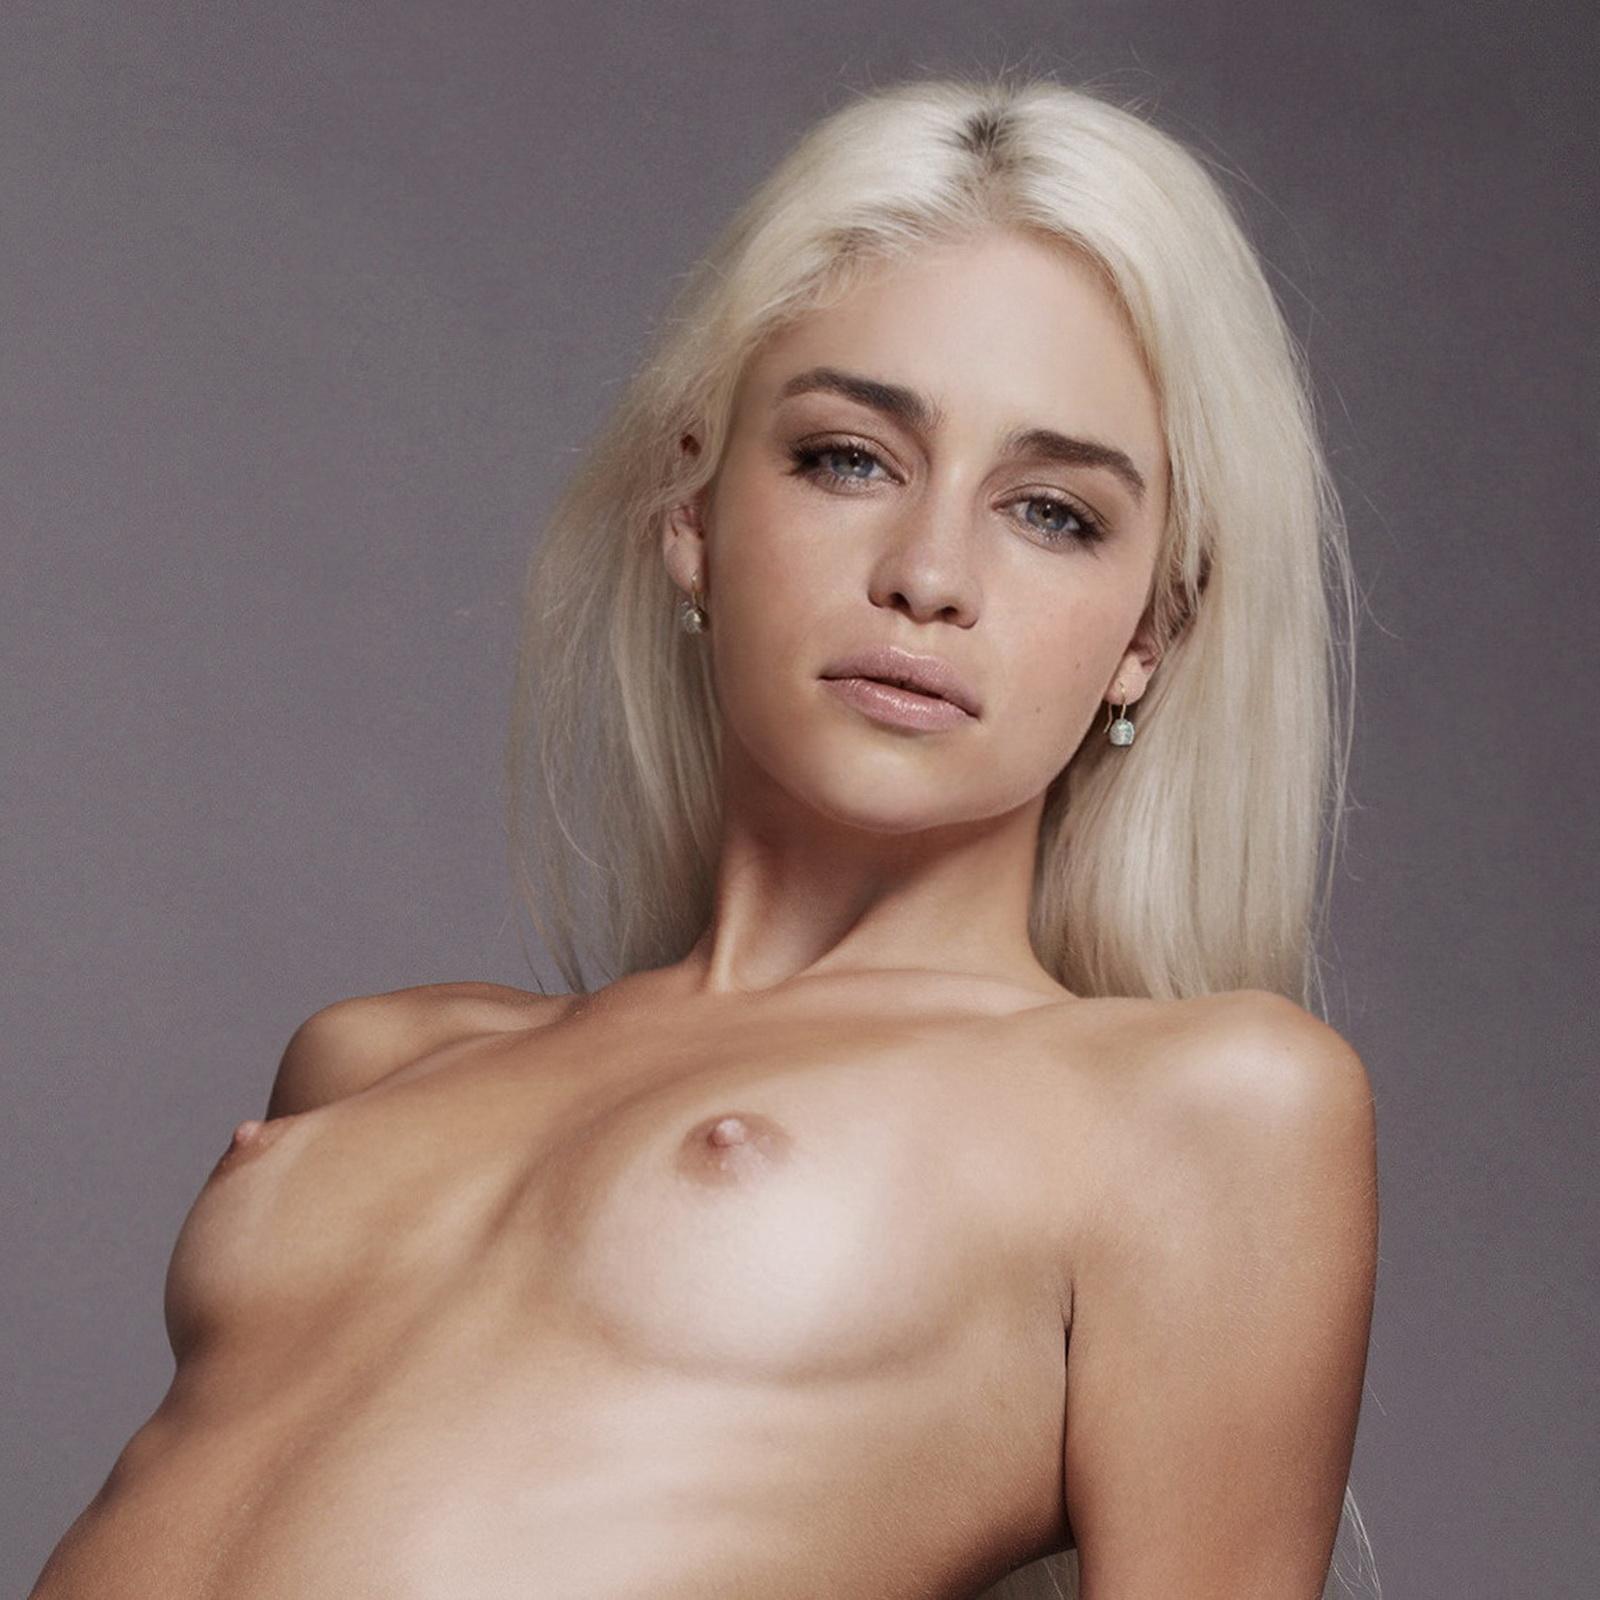 Emilia clarke nude pics